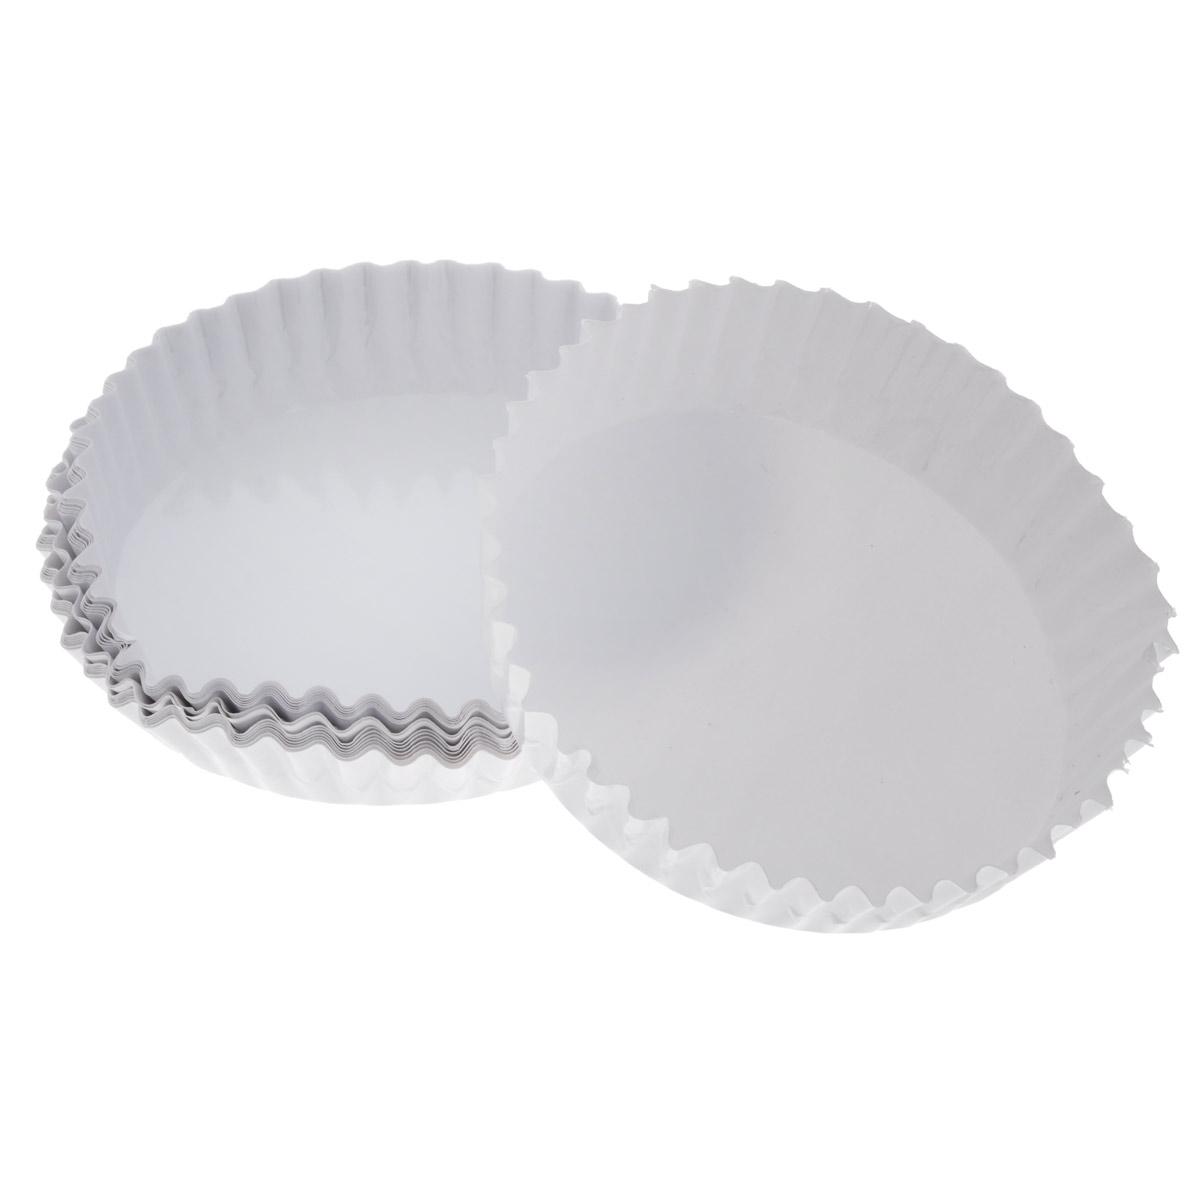 Набор бумажных форм для кексов Wilton, цвет: белый, диаметр 7 см, 18 шт391602Набор Wilton состоит из 18 бумажных форм для кексов. Они предназначены для упаковки кондитерских изделий, также могут использоваться для сервировки орешков, конфет и др. Гофрированные бумажные формы идеальны для украшения кексов, булочек и пирожных.Высота стенки: 1,4 см. Диаметр (по верхнему краю): 7 см.Диаметр дна: 6 см.